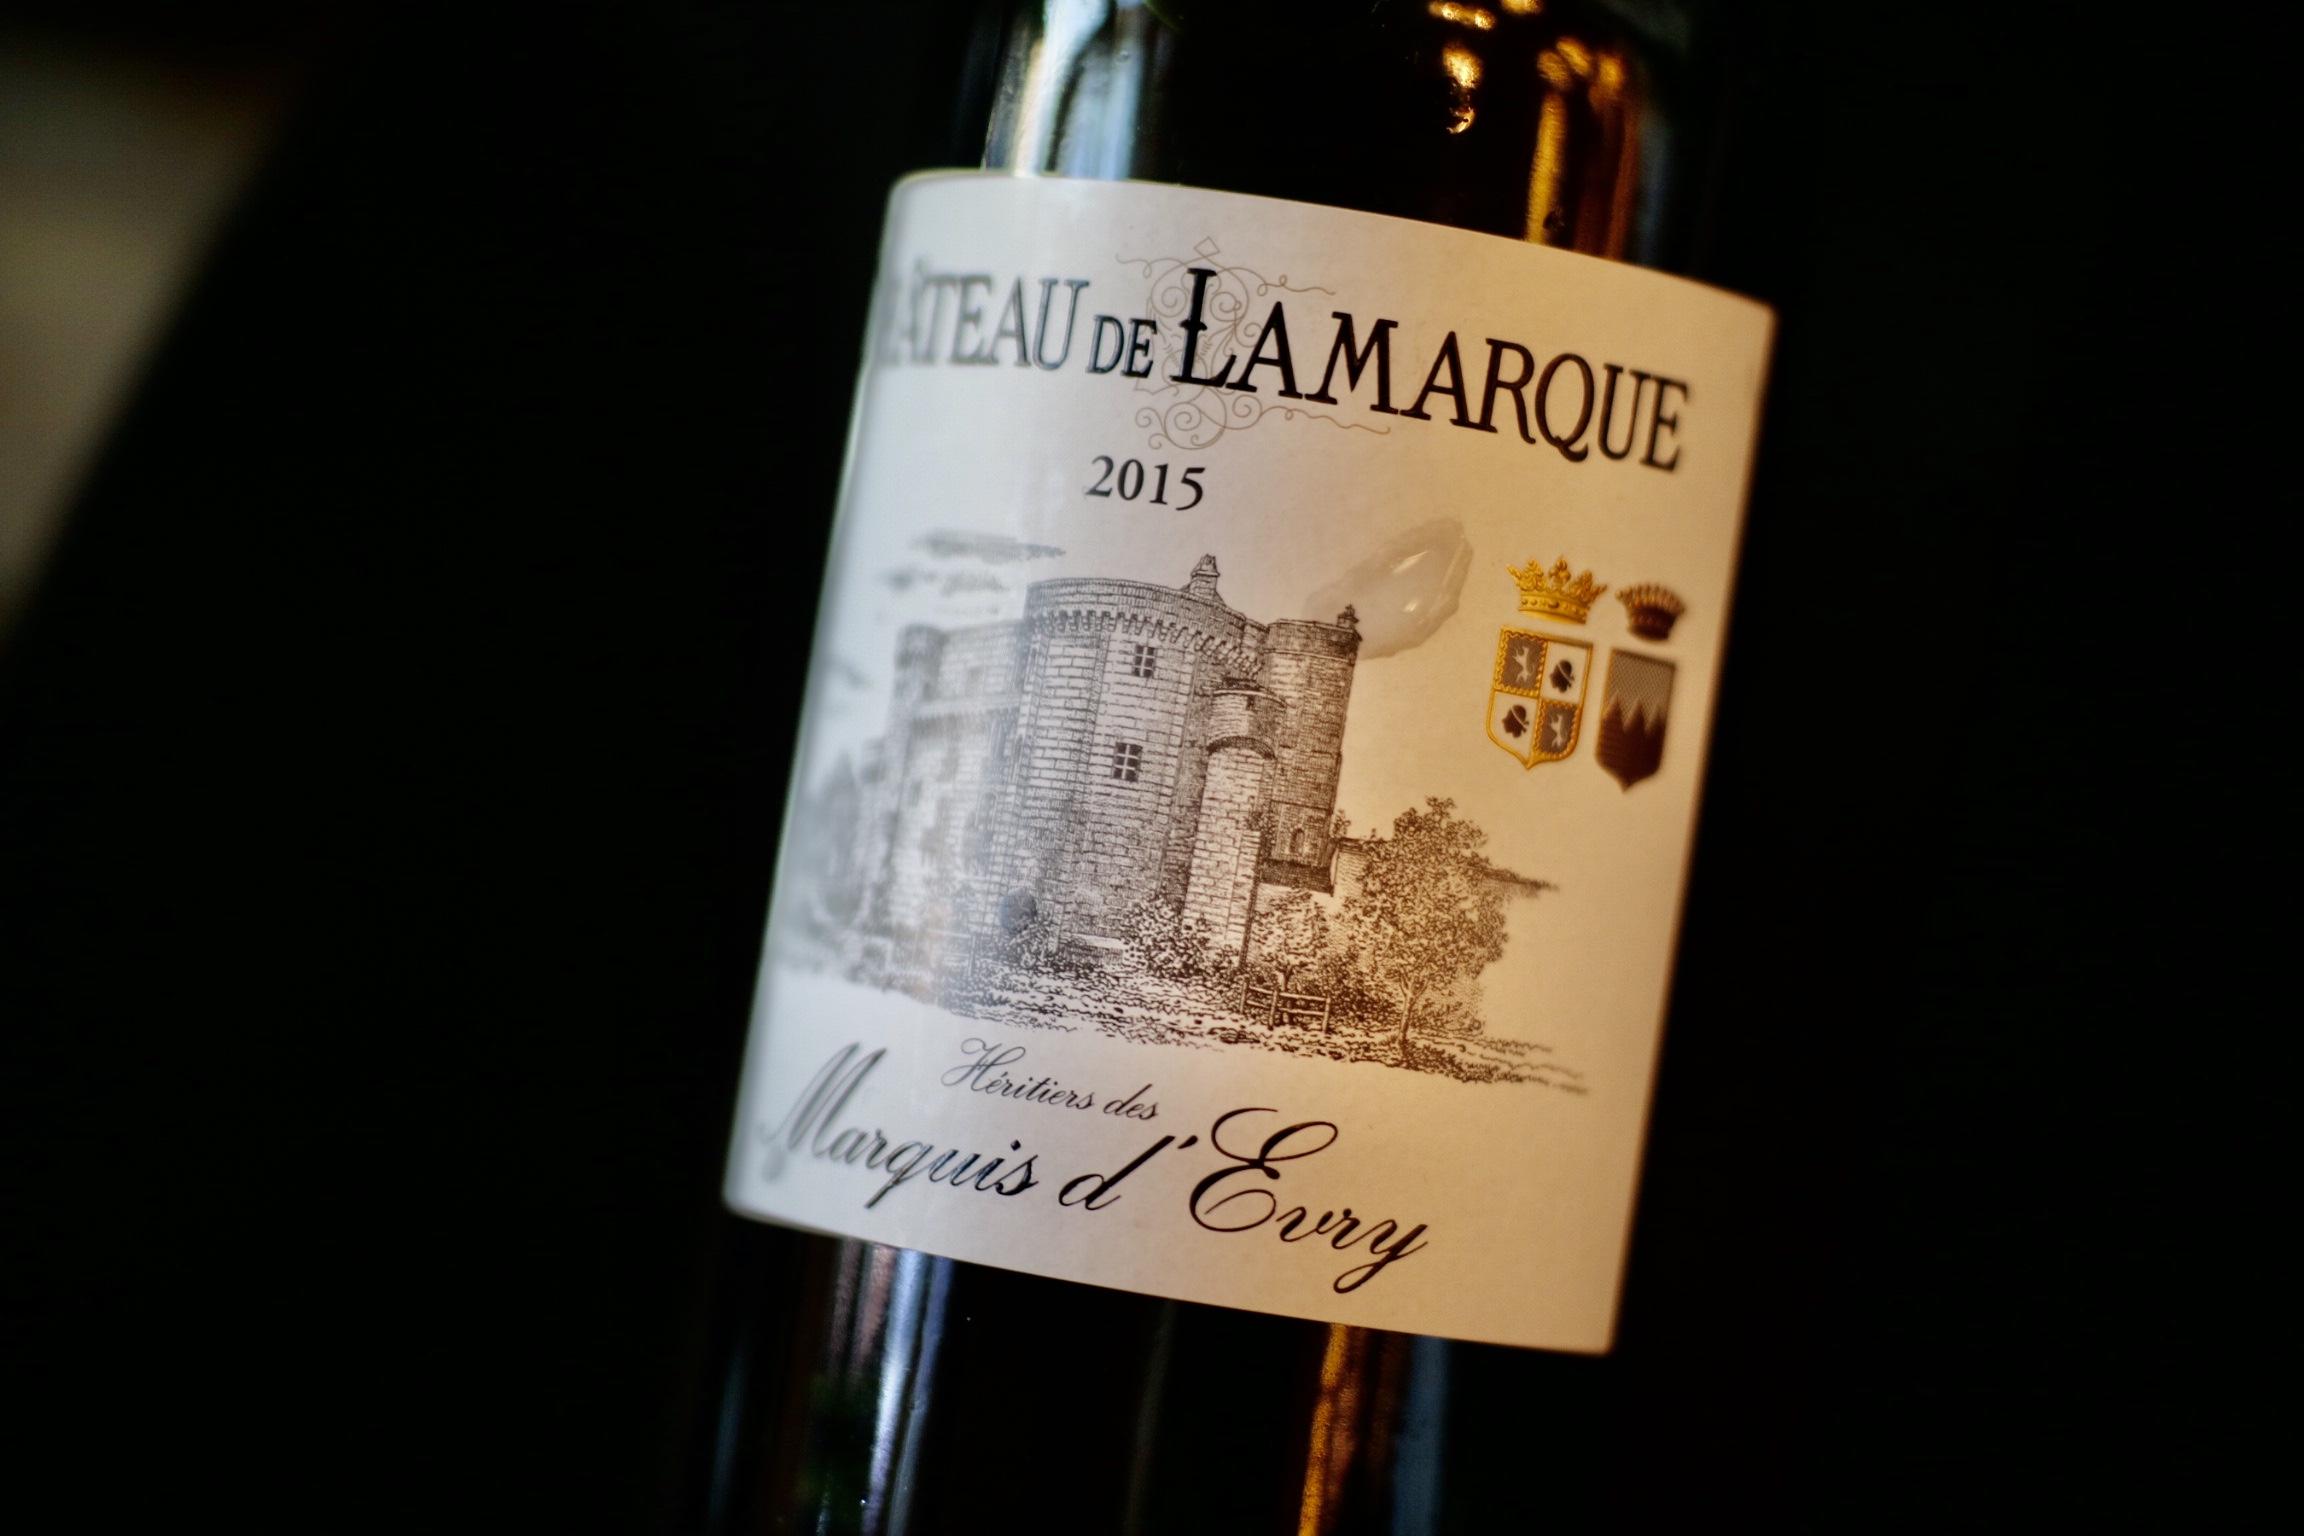 2015 Château de Lamarque 'Heritiers des Marquis d'Evry' Haut-Médoc